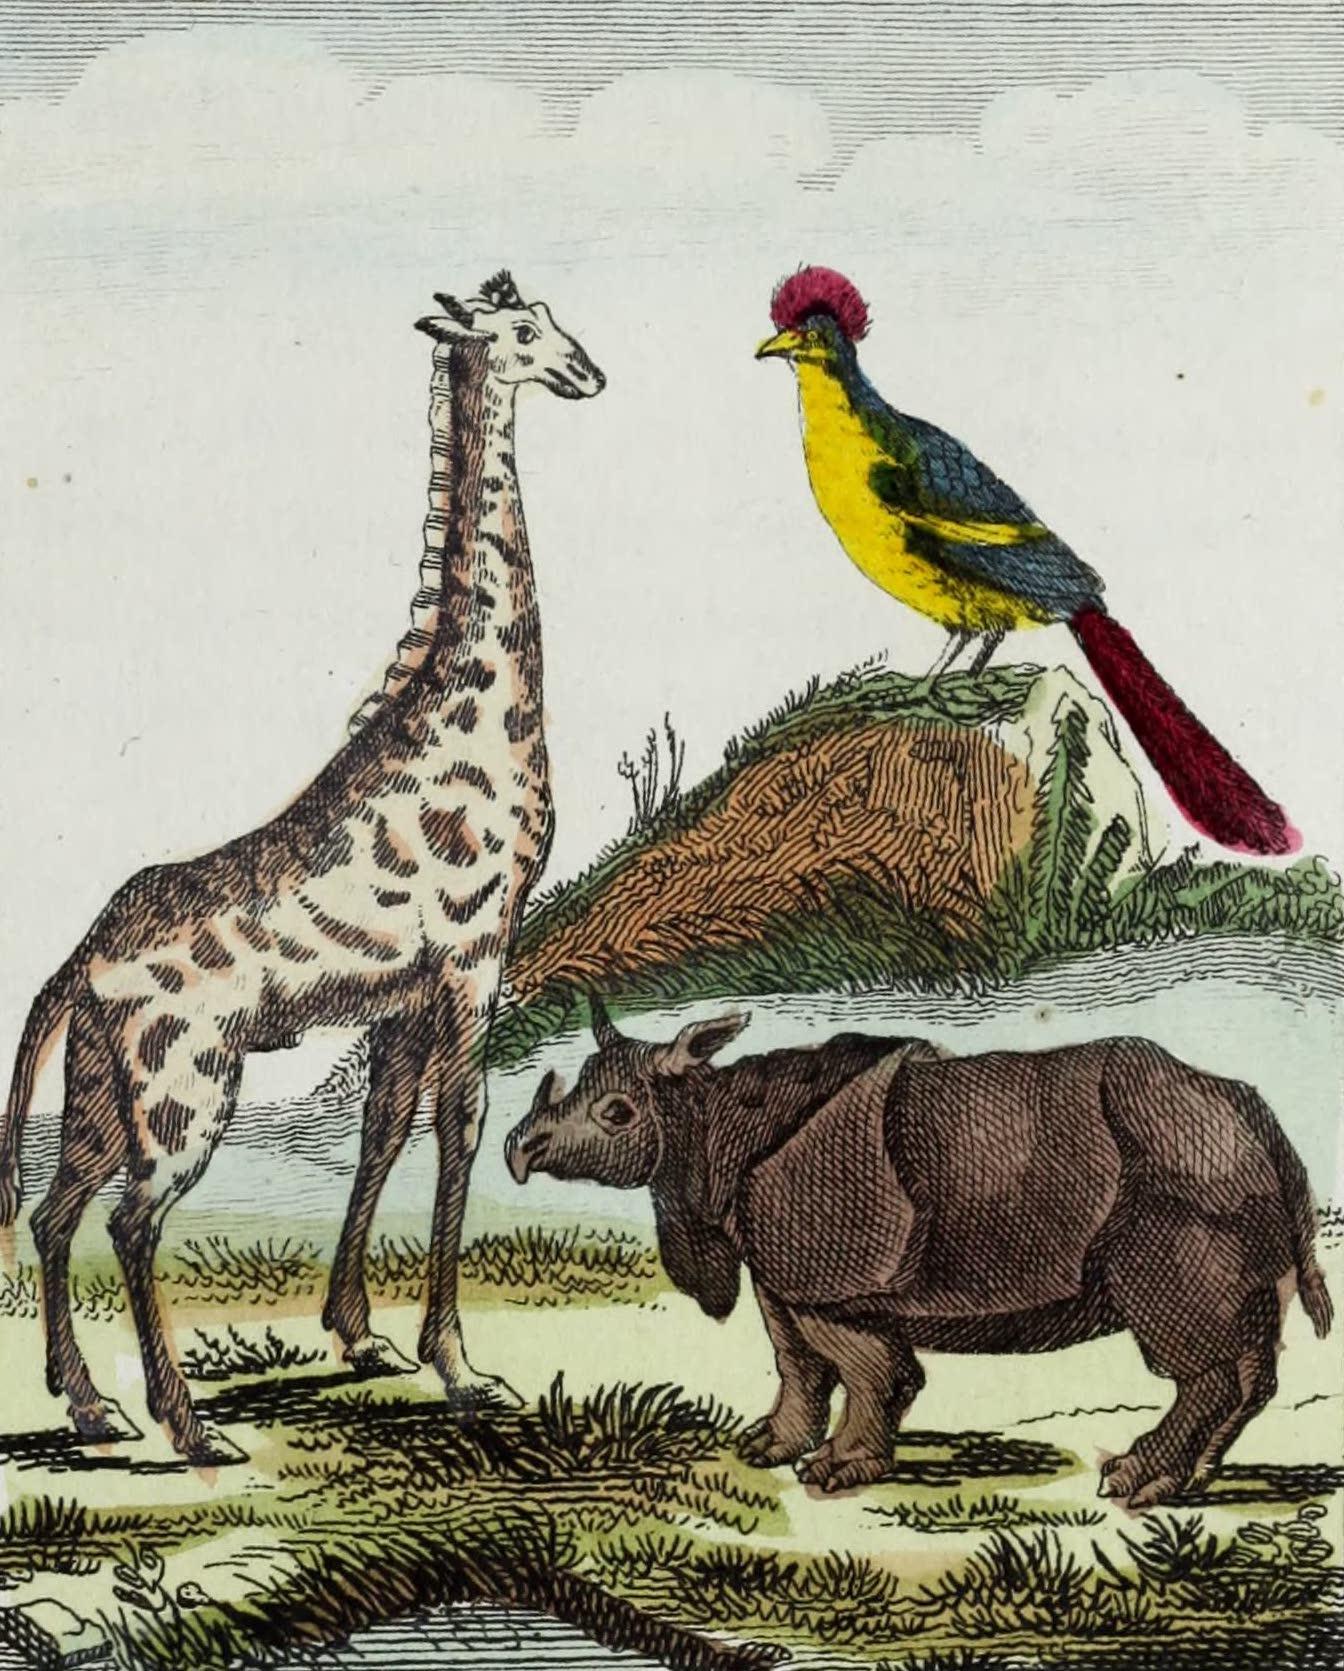 Geographie Vivante, ou, Tableaux Raisonnes - Le Touraco, la Giraffe, le Rhinoceros (1821)